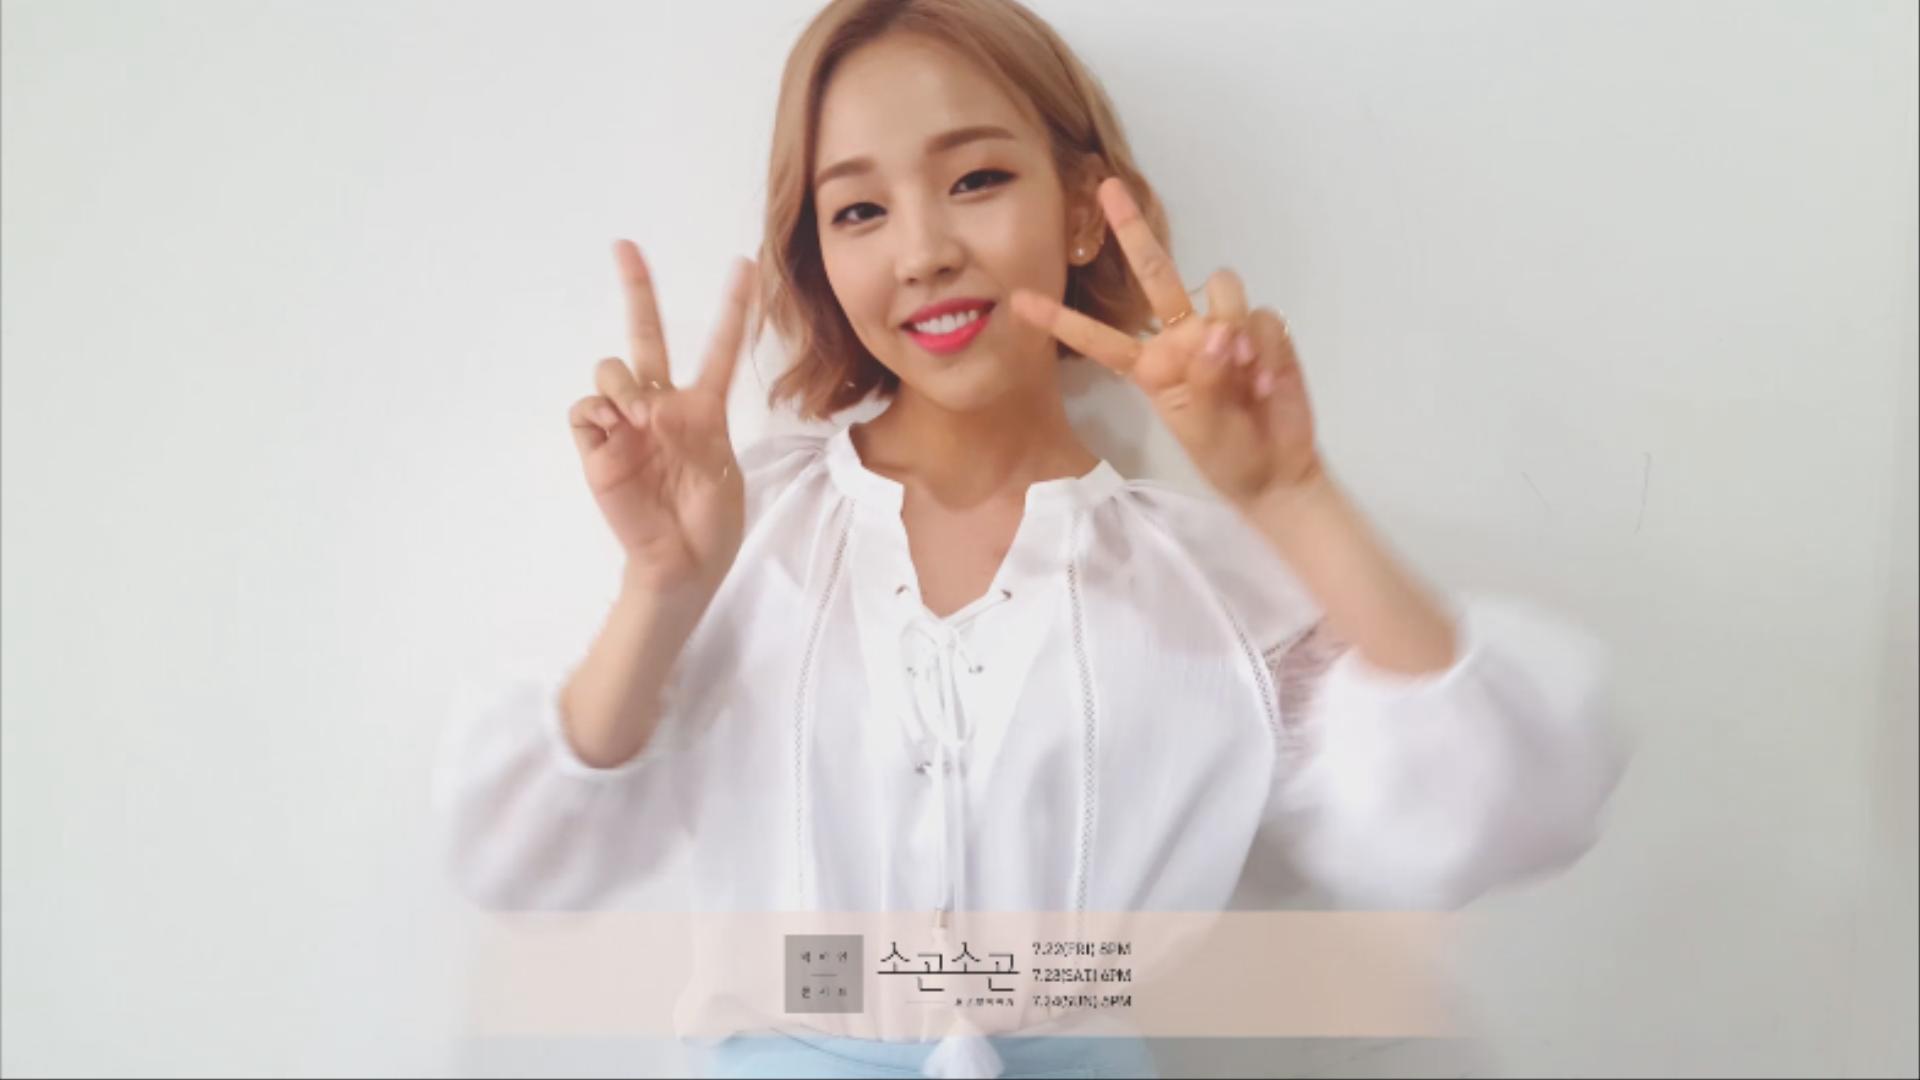 백아연 콘서트 '소곤소곤' 두 번째 이야기 Invitation Video